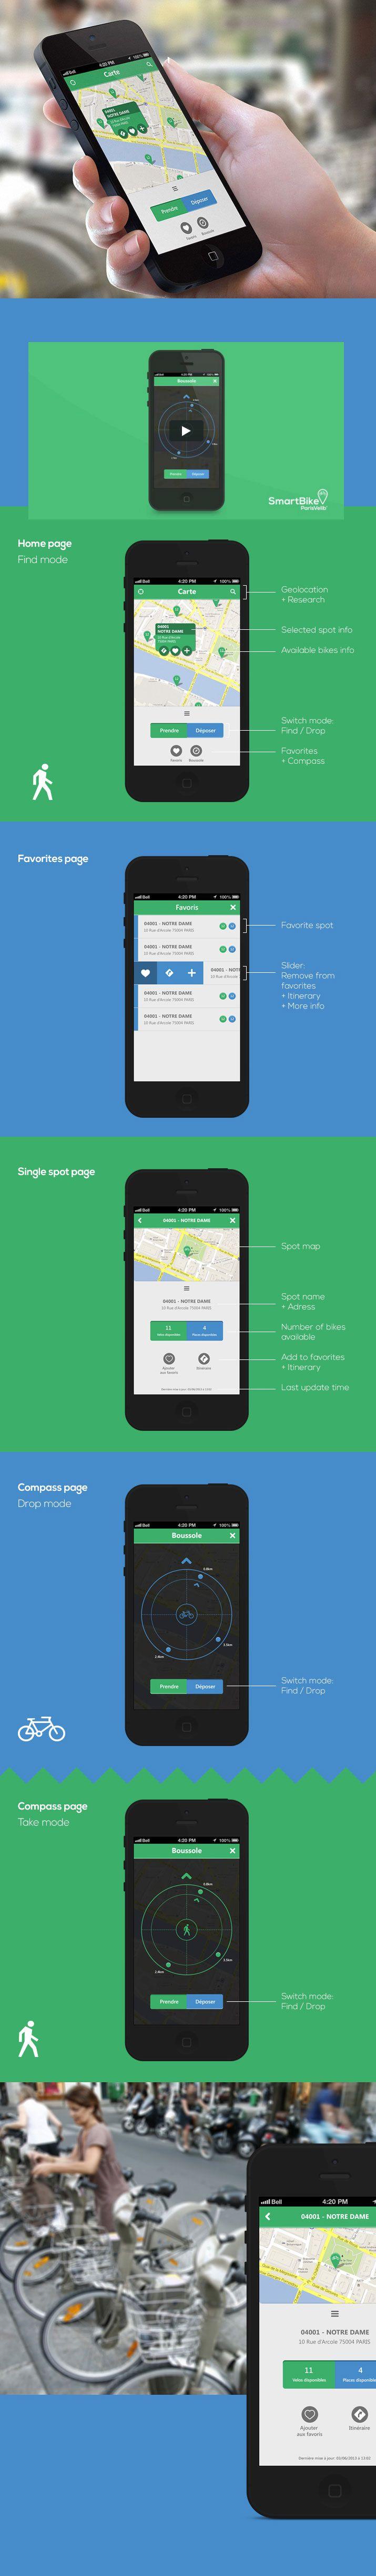 SmartBike App. For more details visit http://mobilewebmds.com/mobile-apps/